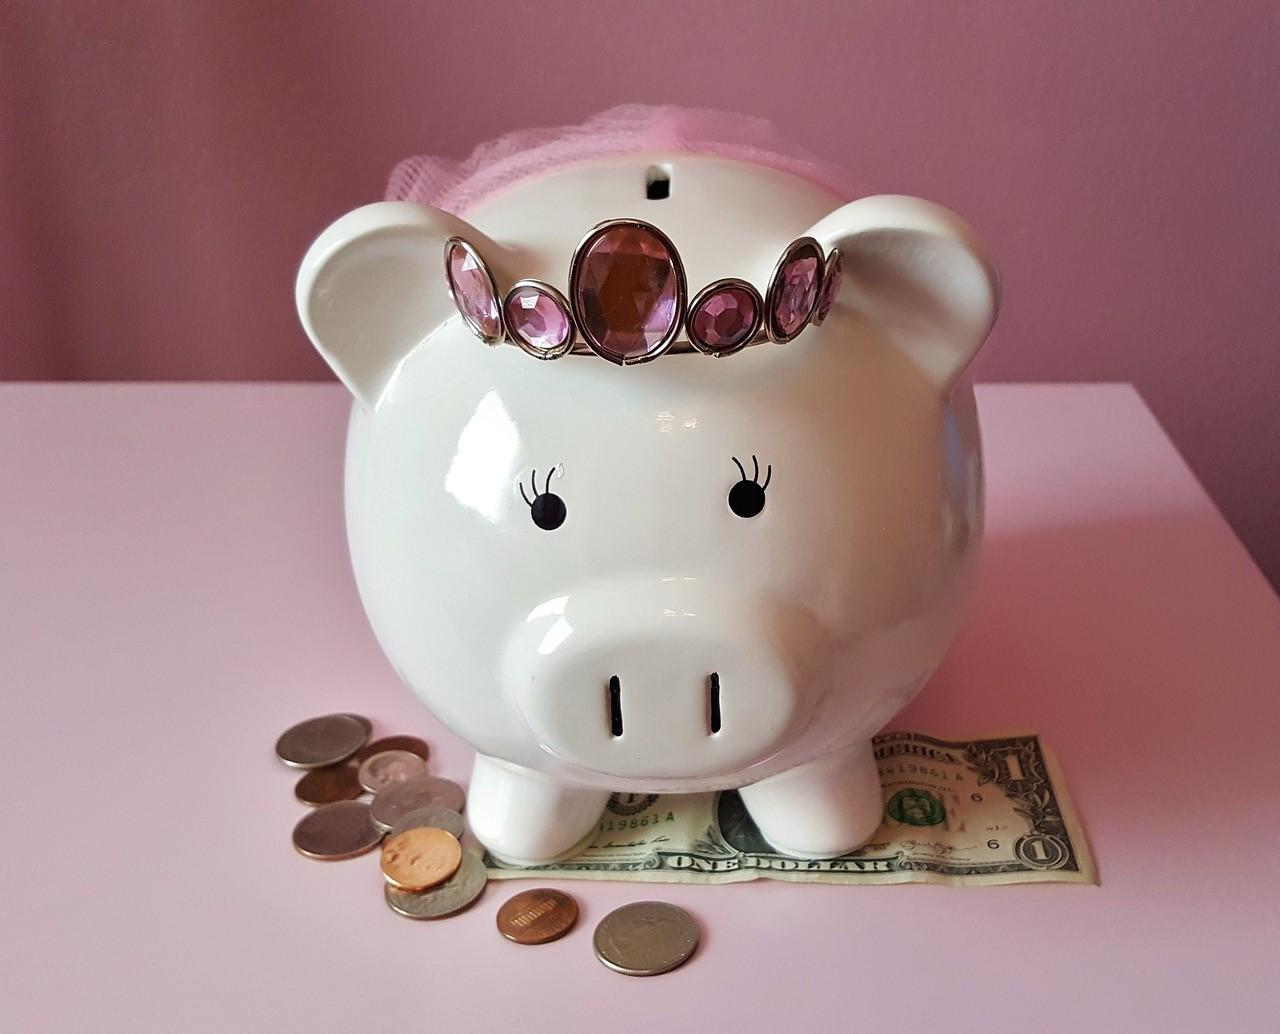 Dads, Anggaran Apa Saja yang Perlu Dipersiapkan untuk Si Kecil?